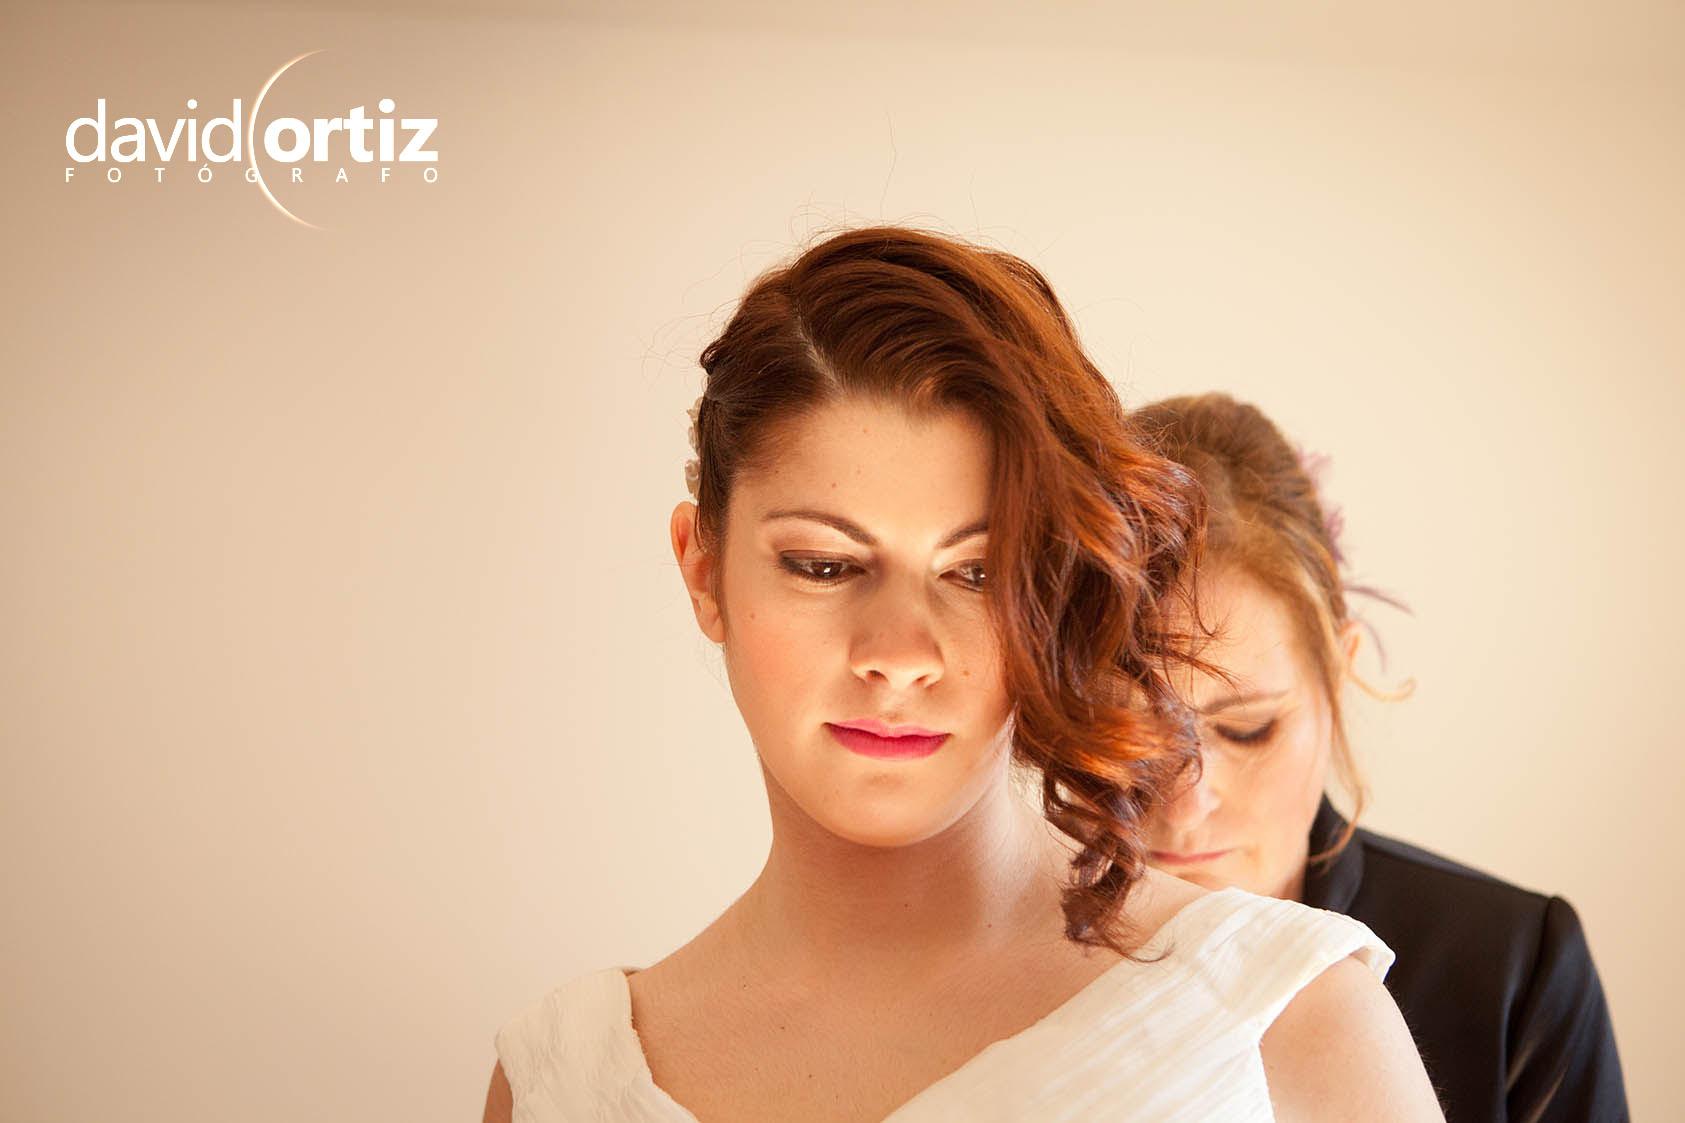 Fotografía y reportaje de la boda de Esther e Iván, realizado por David Ortiz Fotógrafo en Valladolid